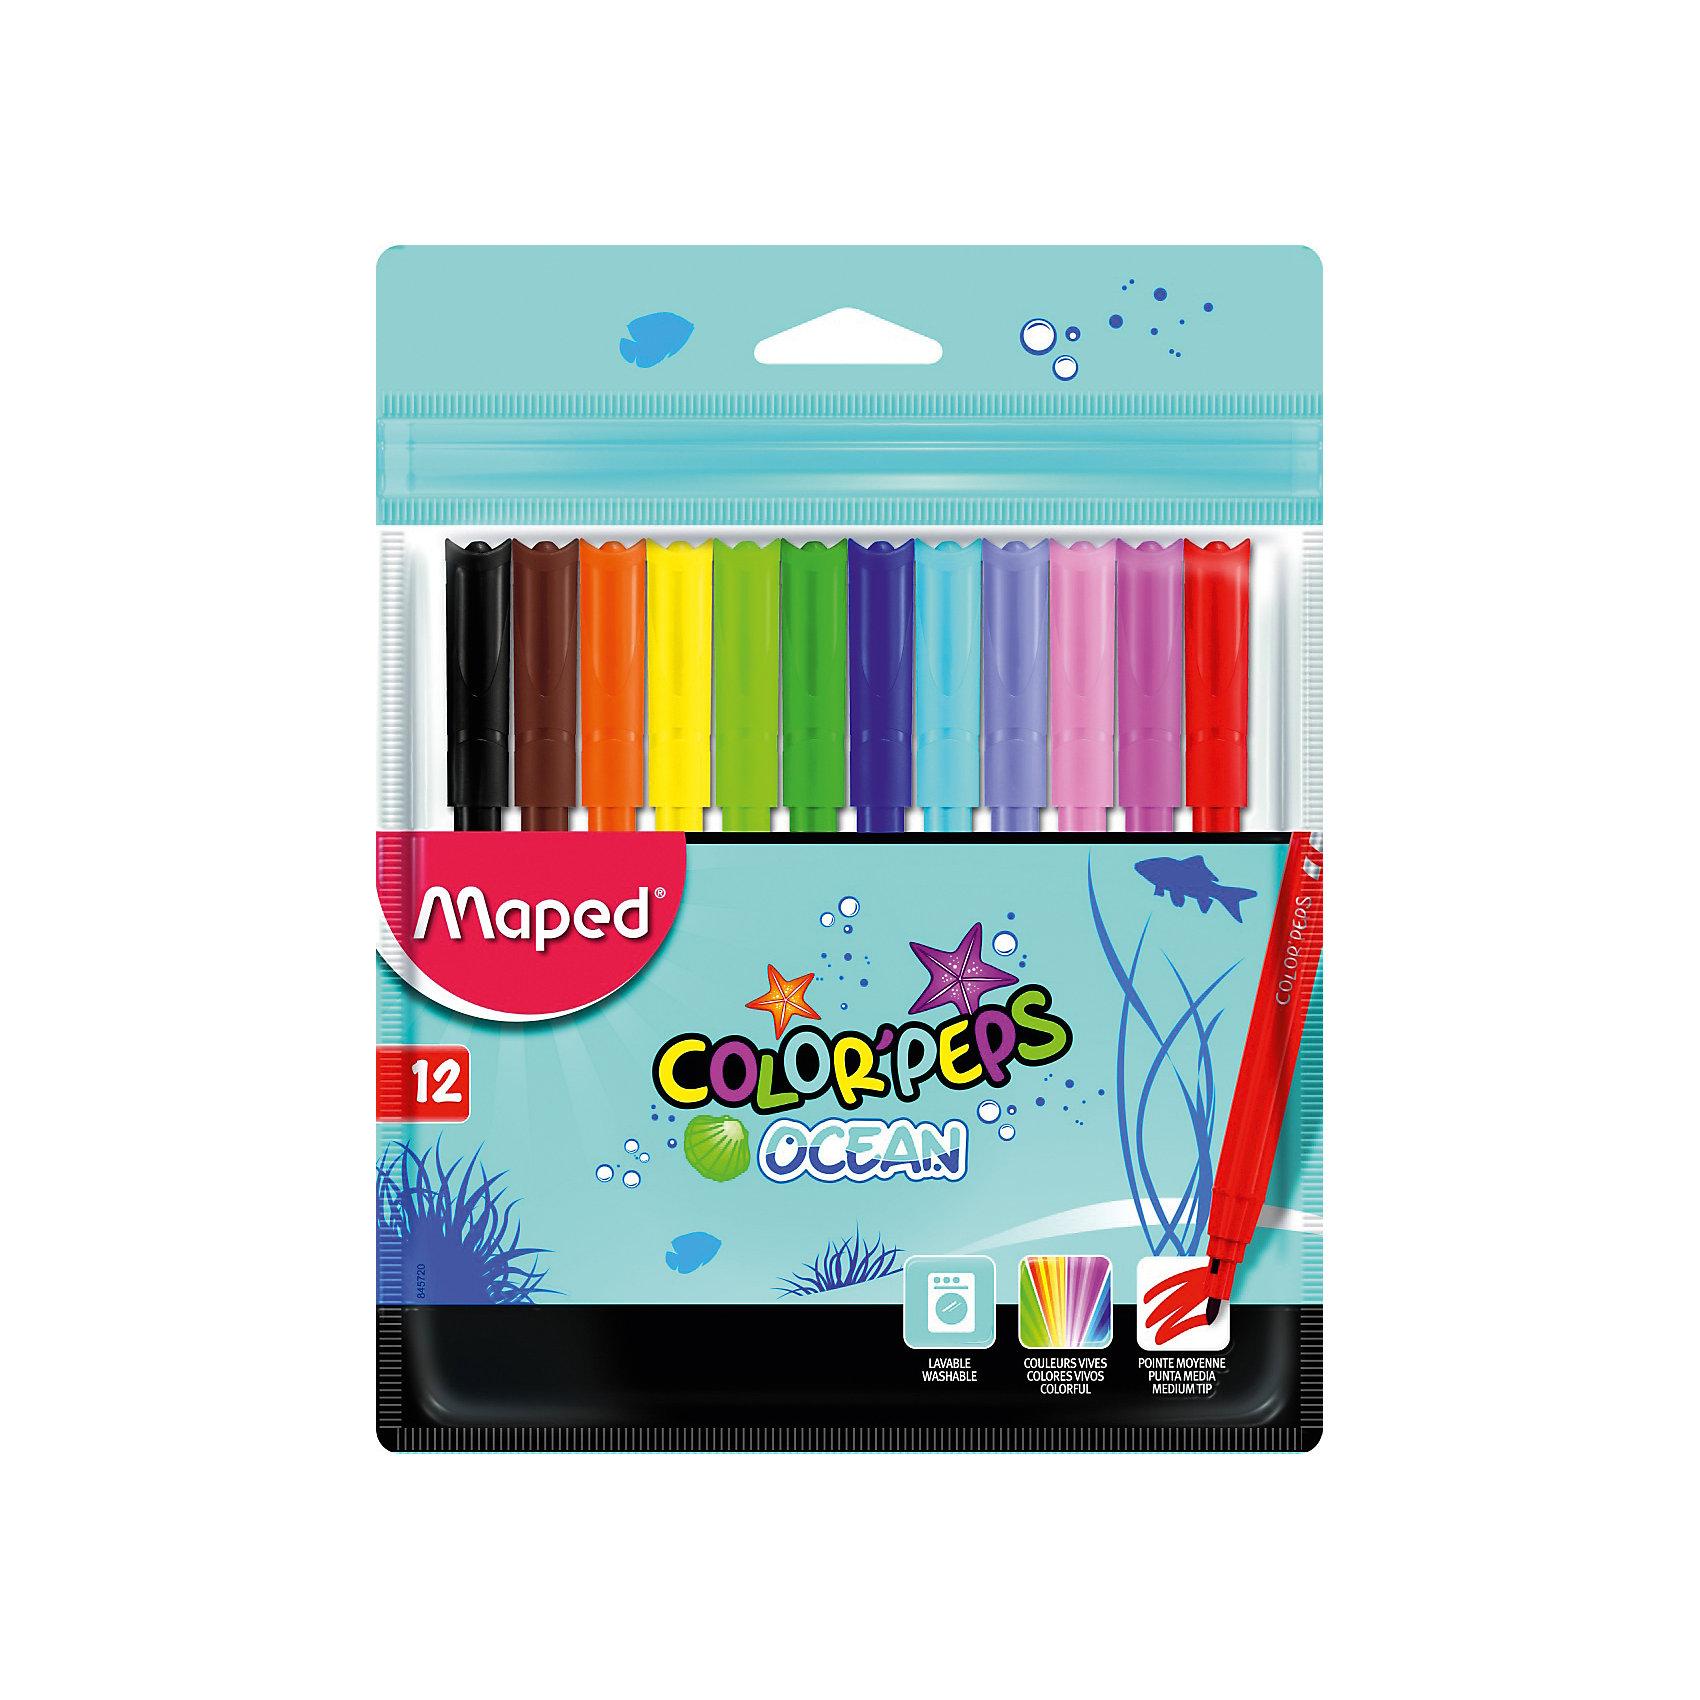 Фломастеры Maped, 12 цветовФломастеры<br>Характеристики:<br><br>• возраст: от 3 лет<br>• в наборе: 12 фломастеров<br>• количество цветов: 12<br>• материал корпуса: пластик<br>• толщина линии: 2 мм.<br>• размер упаковки: 17,7х13,6х1,1 см.<br><br>Фломастерами Color Peps Ocean с заблокированным пишущим узлом предназначены для тонкого письма и раскрашивания. В наборе 12 фломастеров, ярких насыщенных цветов. Фломастеры смываются практически со всех видов ткани. Соответствуют действующим российским и европейским стандартам качества игрушек. Колпачок вентилируемый.<br><br>MAPED Набор фломастеров 12 цветов можно купить в нашем интернет-магазине.<br><br>Ширина мм: 177<br>Глубина мм: 11<br>Высота мм: 136<br>Вес г: 75<br>Возраст от месяцев: 36<br>Возраст до месяцев: 2147483647<br>Пол: Унисекс<br>Возраст: Детский<br>SKU: 7065334